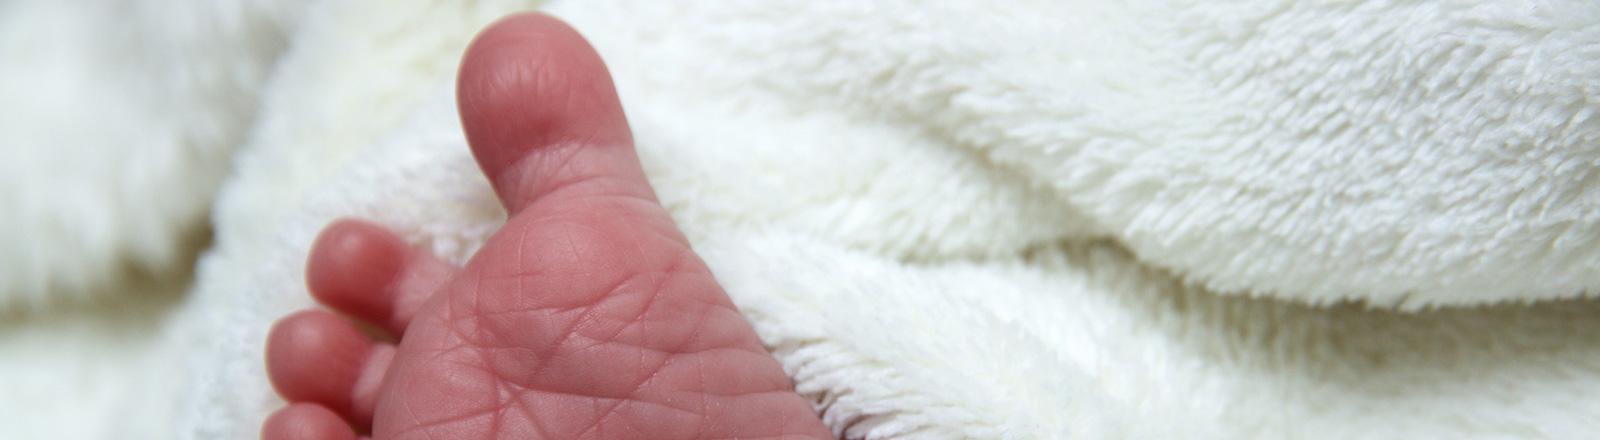 Fuß eines Neugeborenen